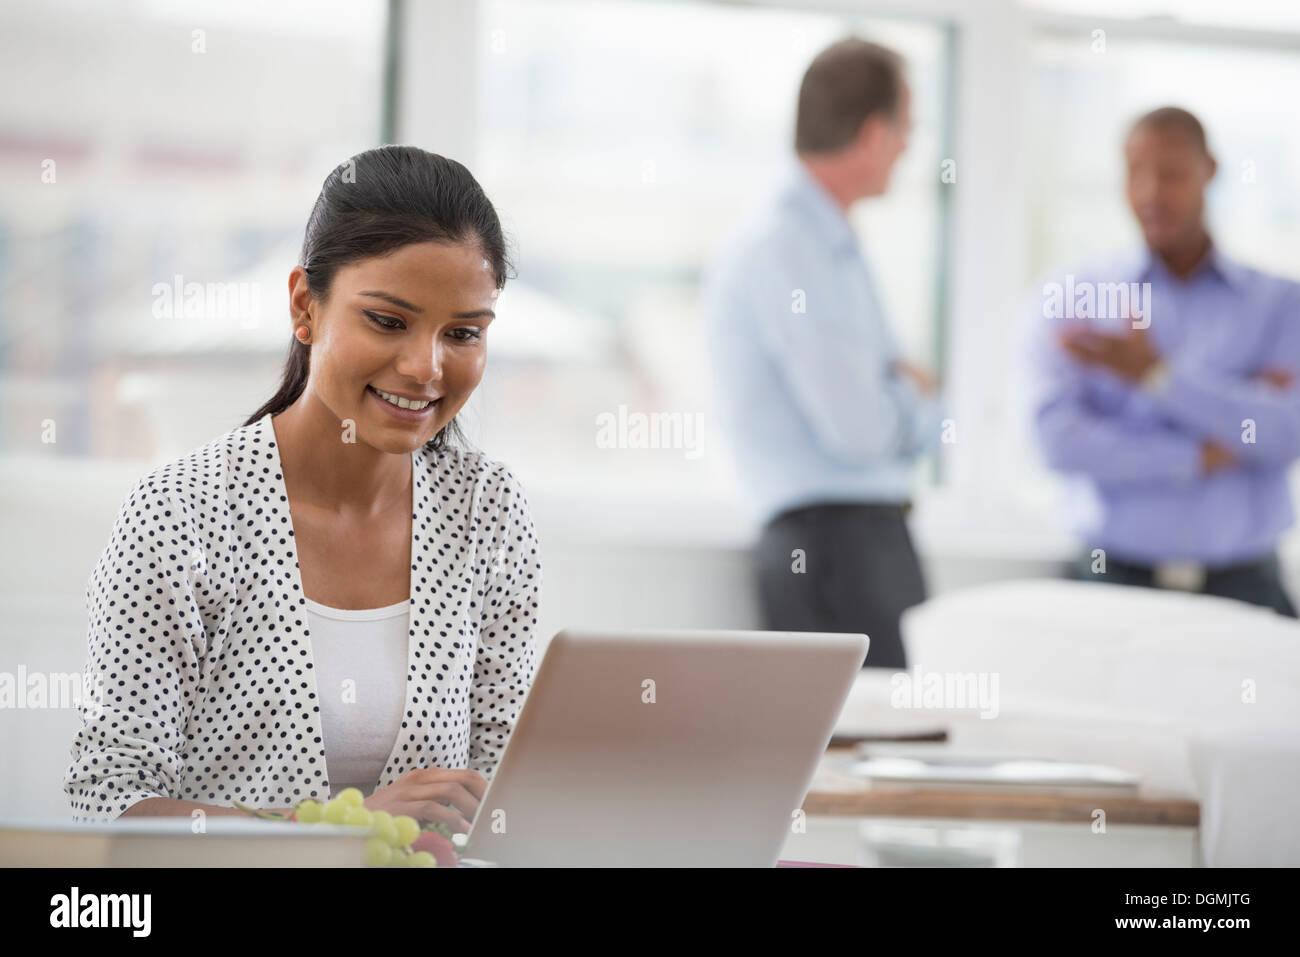 Büroalltag. Eine Frau sitzt an einem Schreibtisch mit einem Laptopcomputer. Zwei Männer im Hintergrund. Stockbild